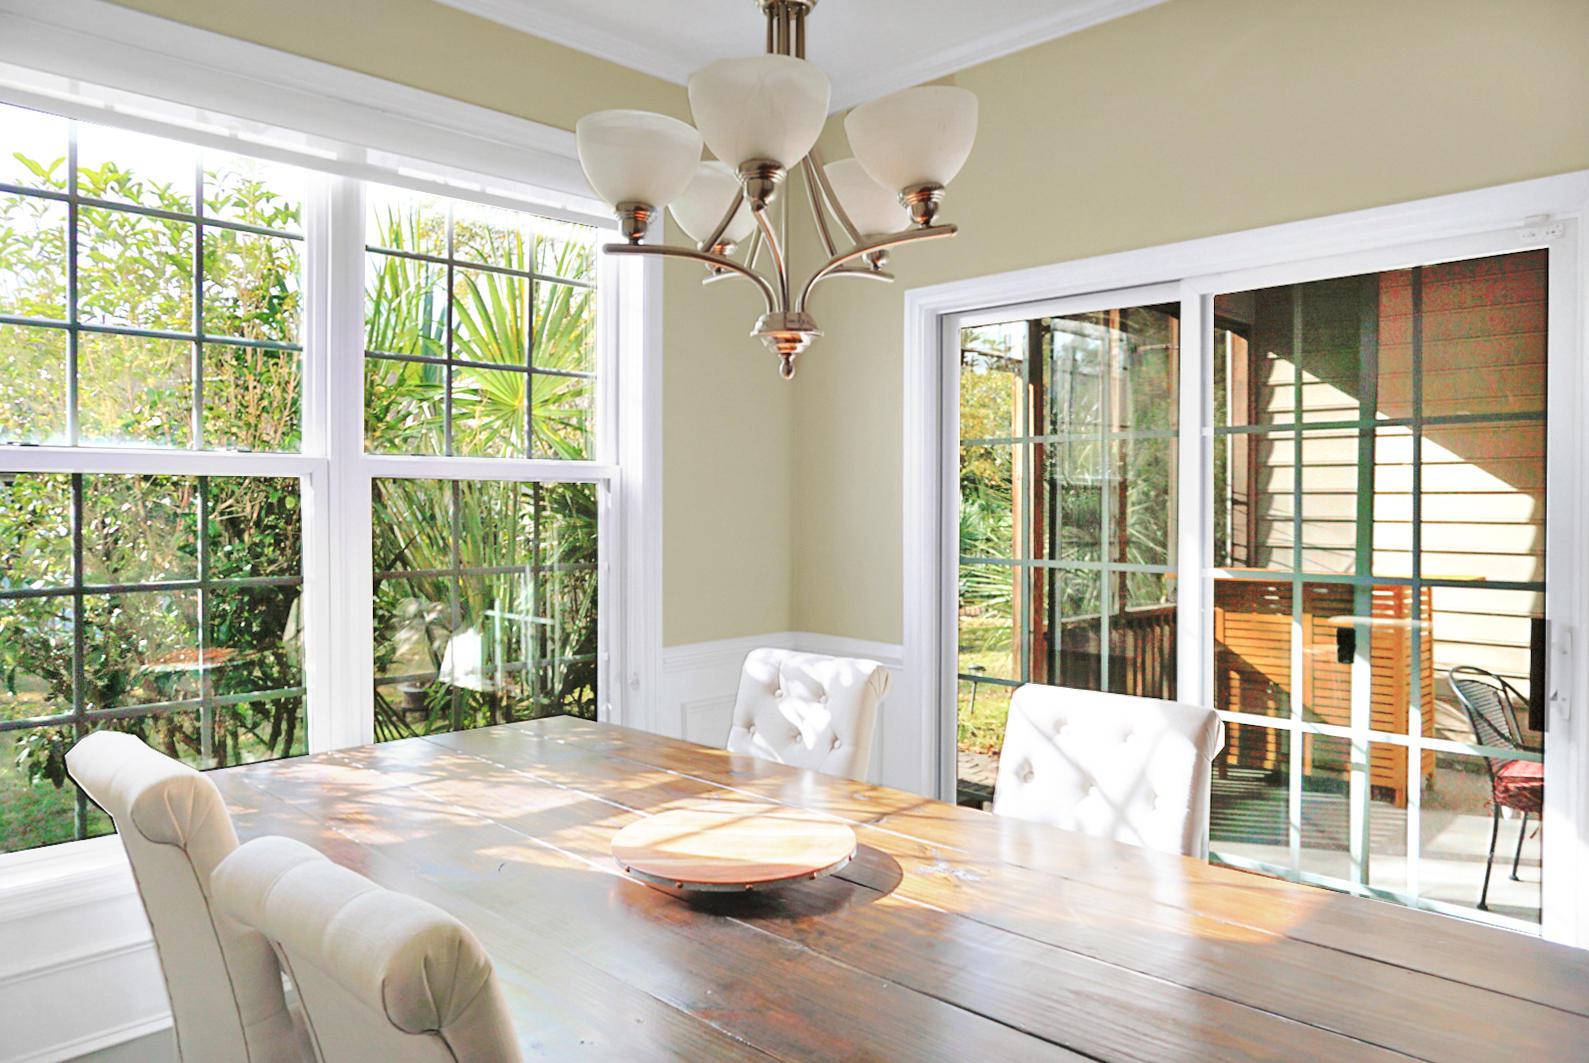 Park West Homes For Sale - 1504 Huxley, Mount Pleasant, SC - 13